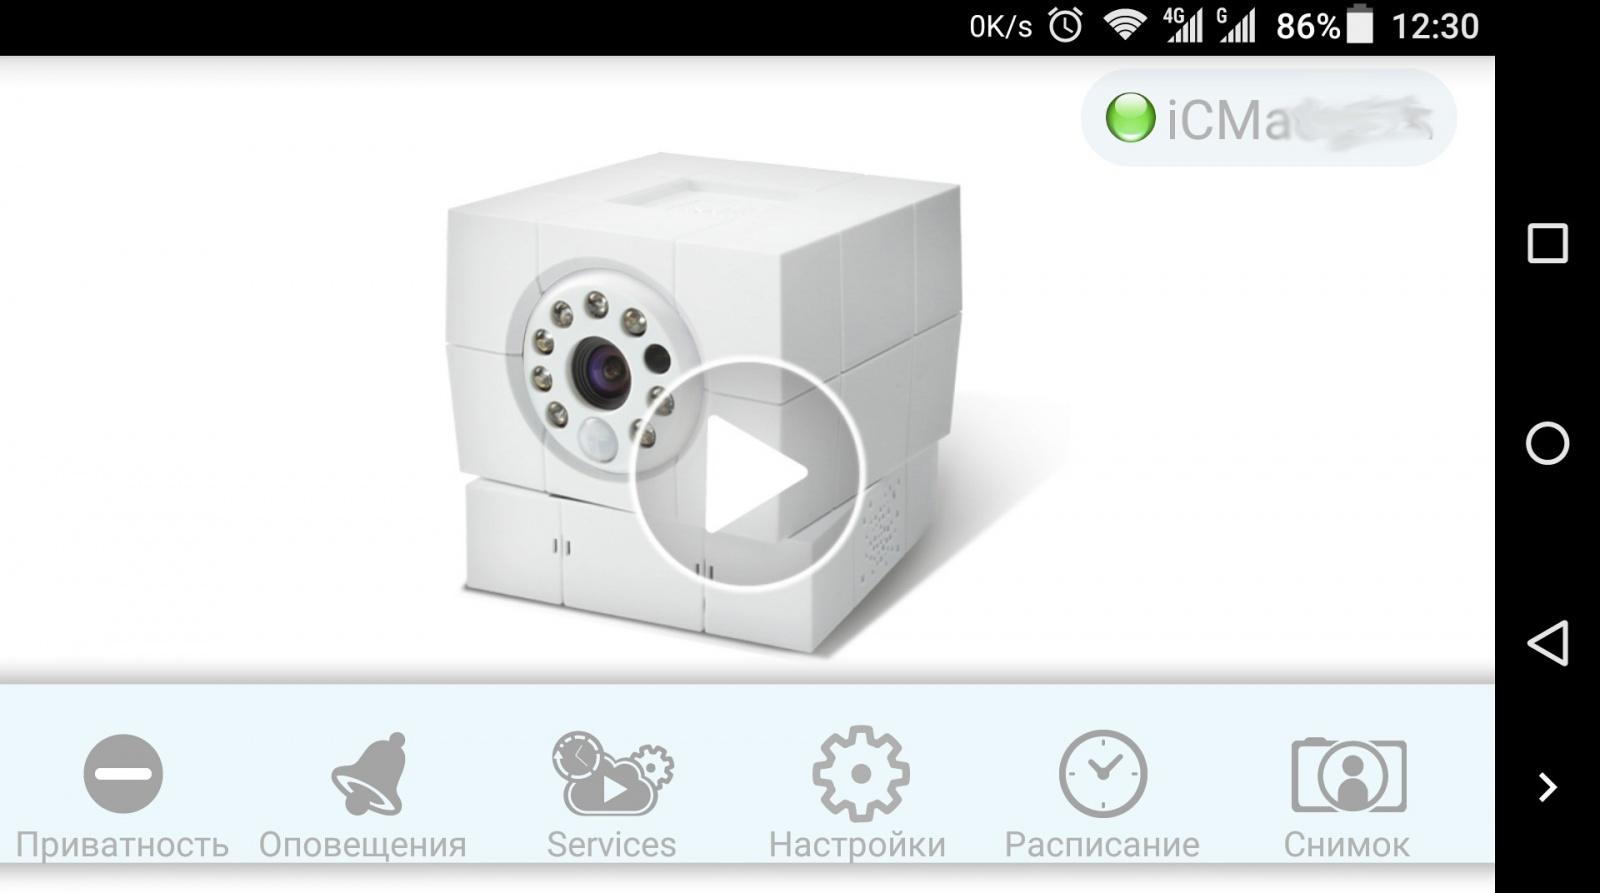 iCam HD 360: видеоняня или автономная система видеонаблюдения? - 7